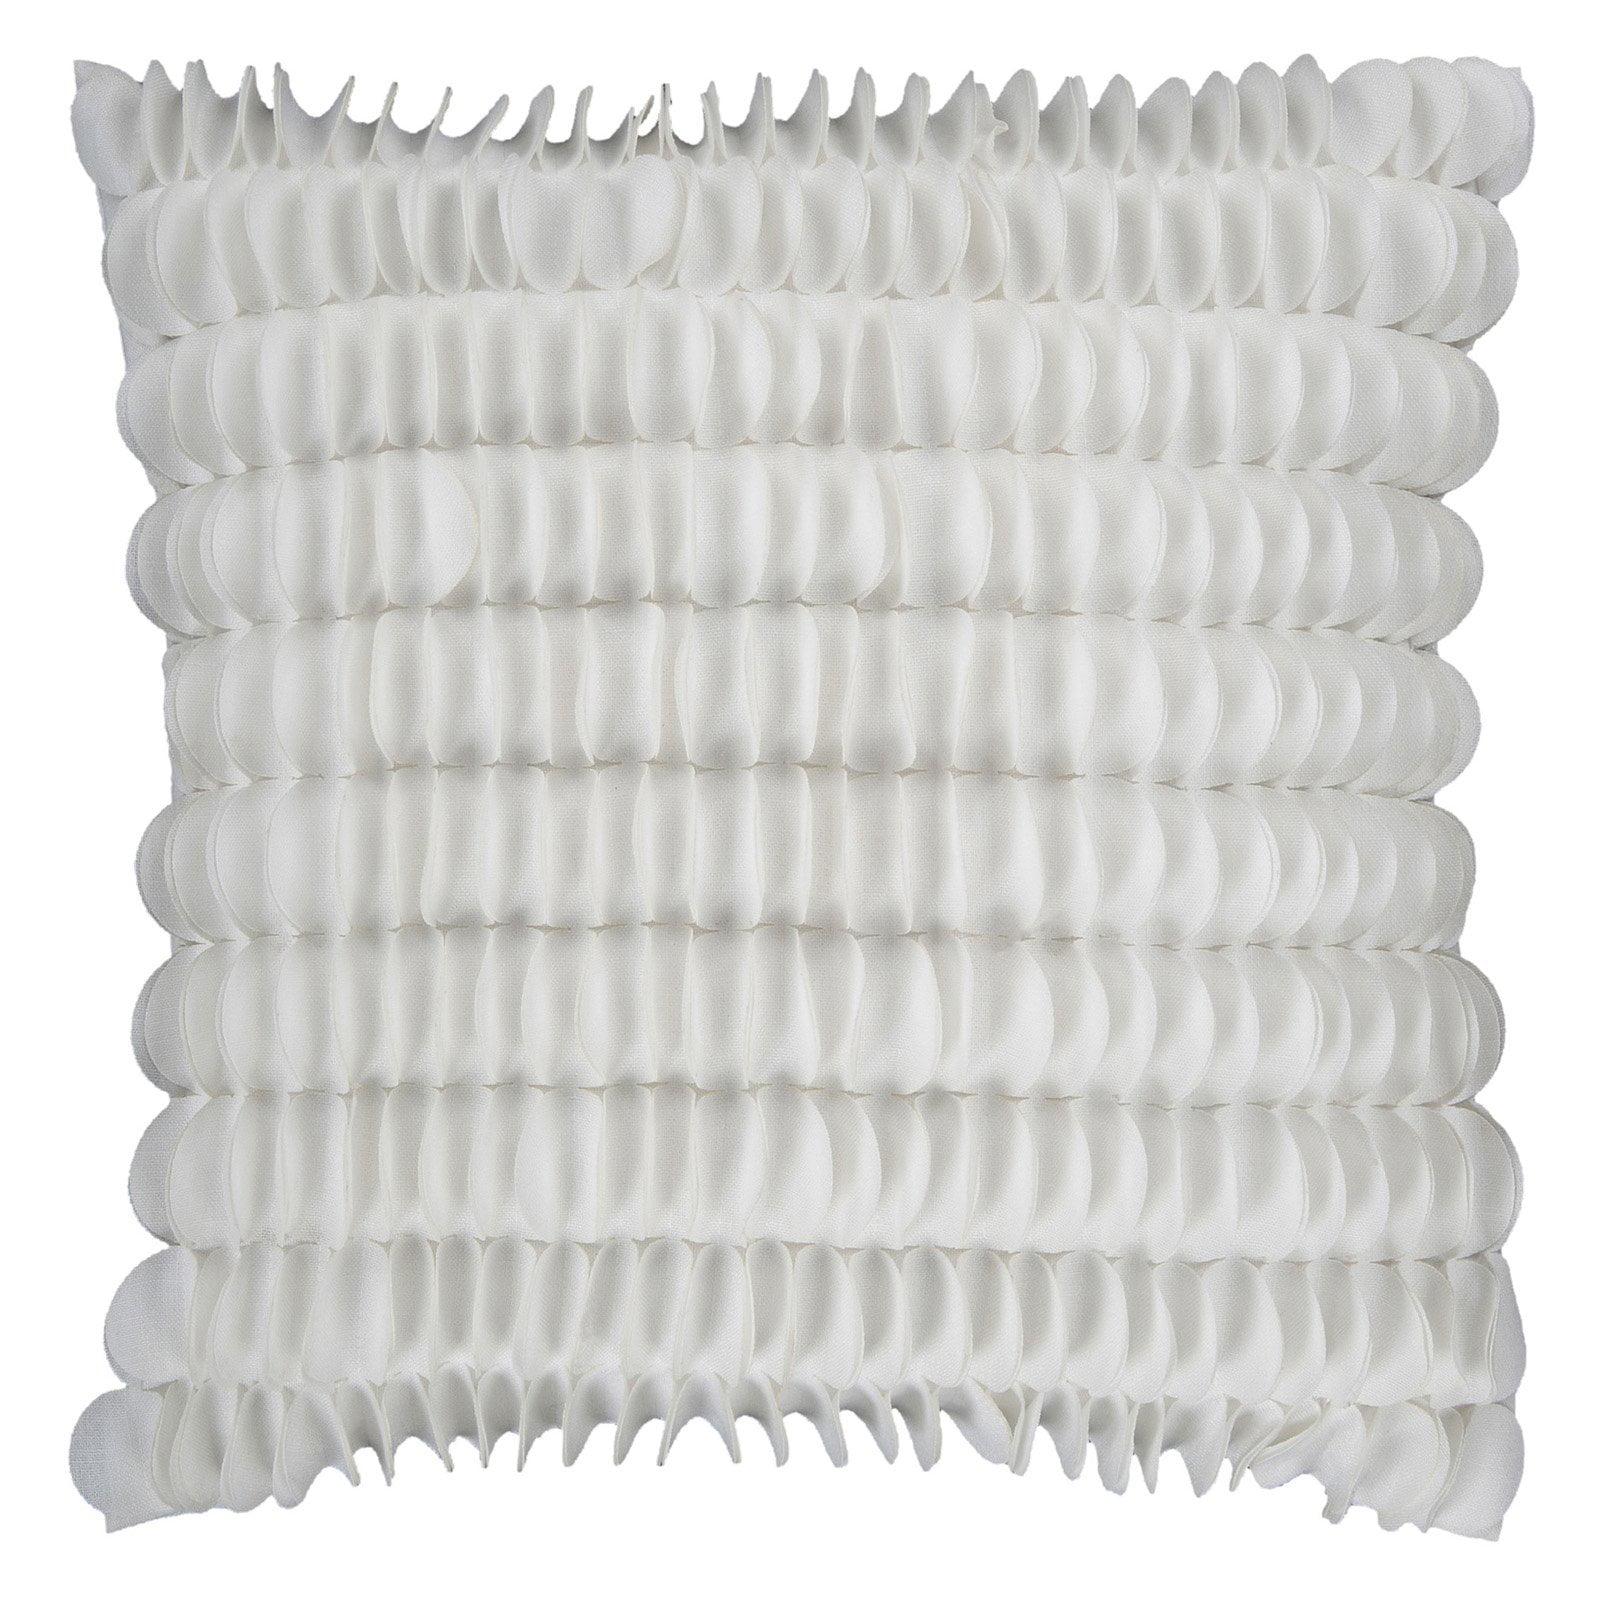 Surya Honeycomb Decorative Pillow - White